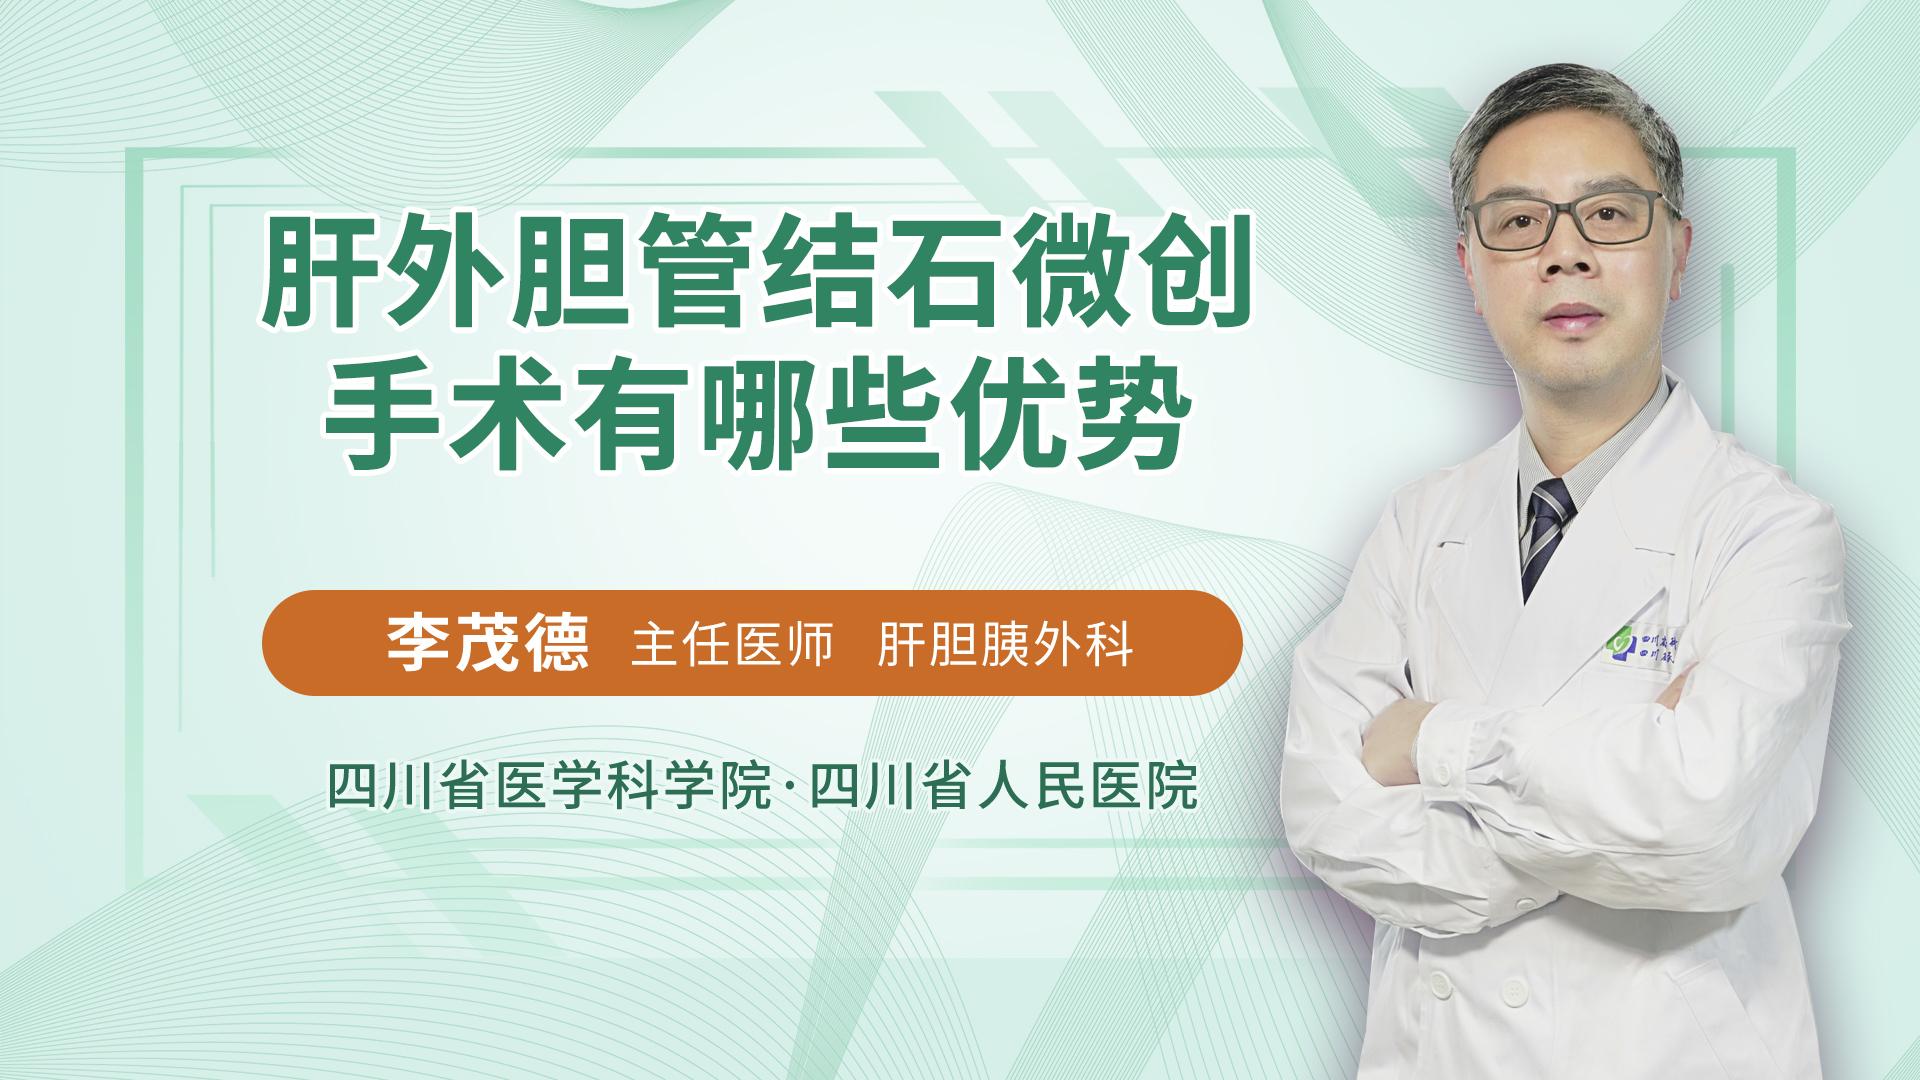 肝外胆管结石微创手术有哪些优势